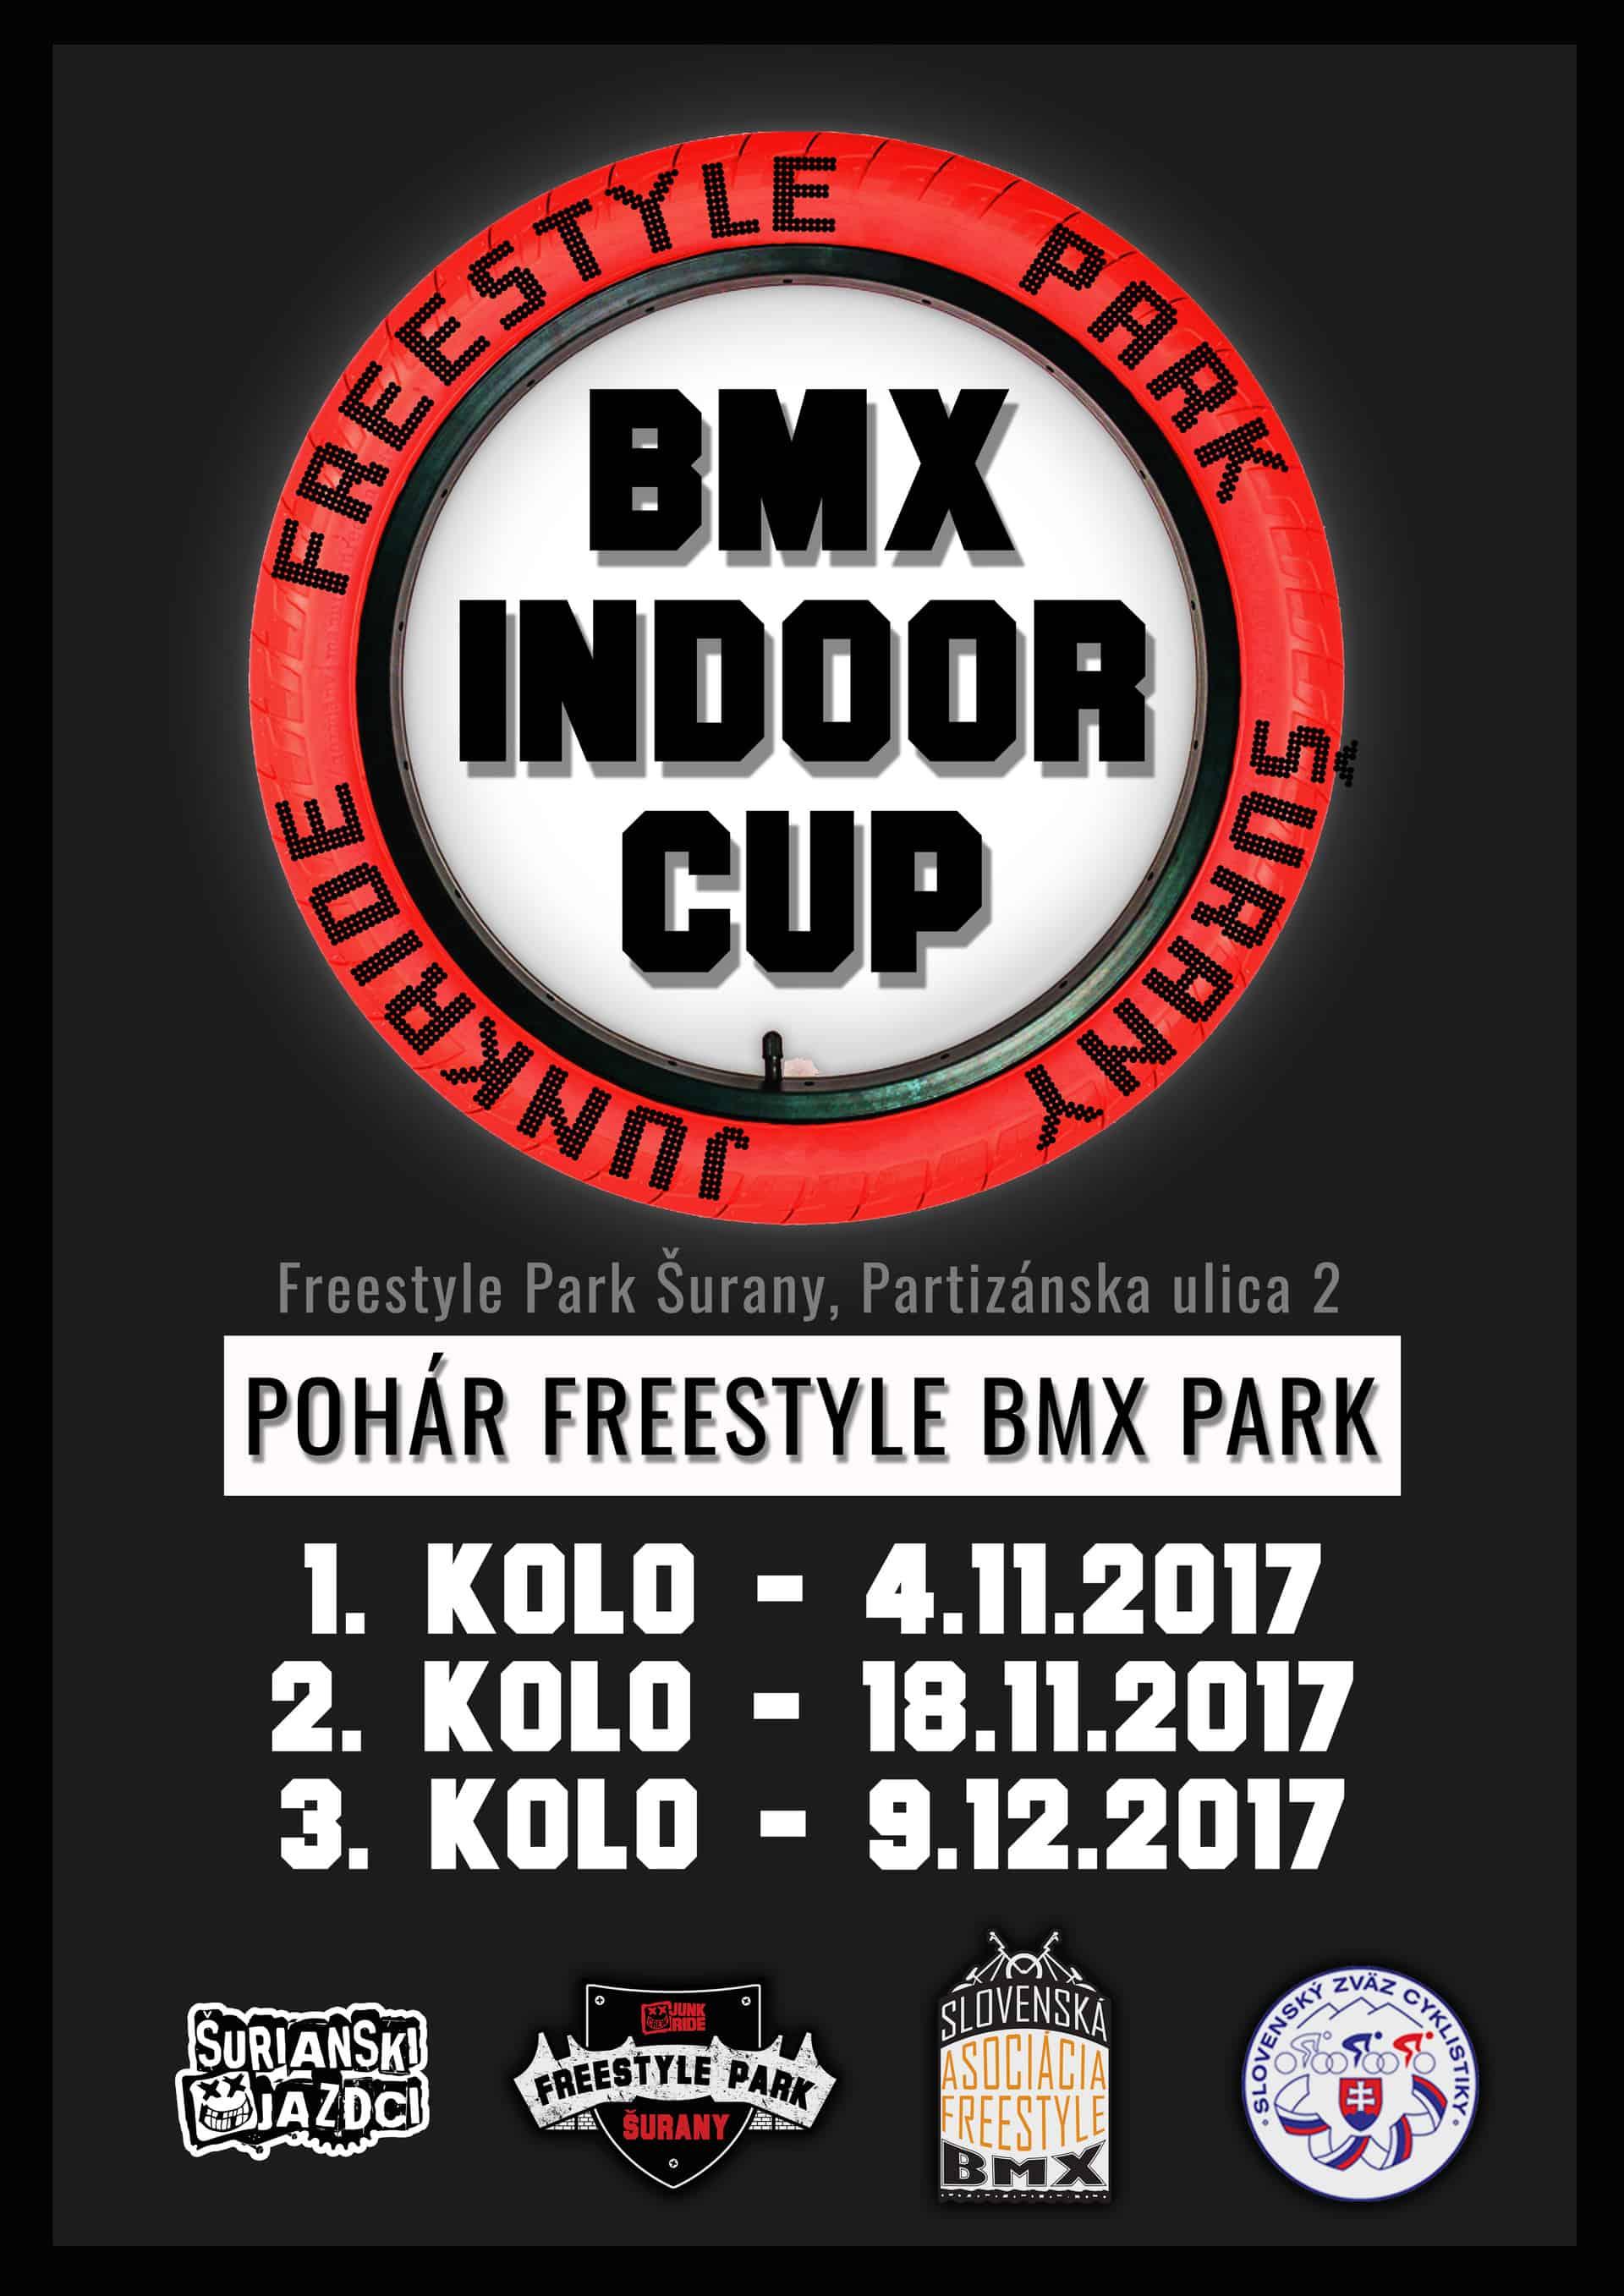 BMX POHÁR - INDOOR CUP